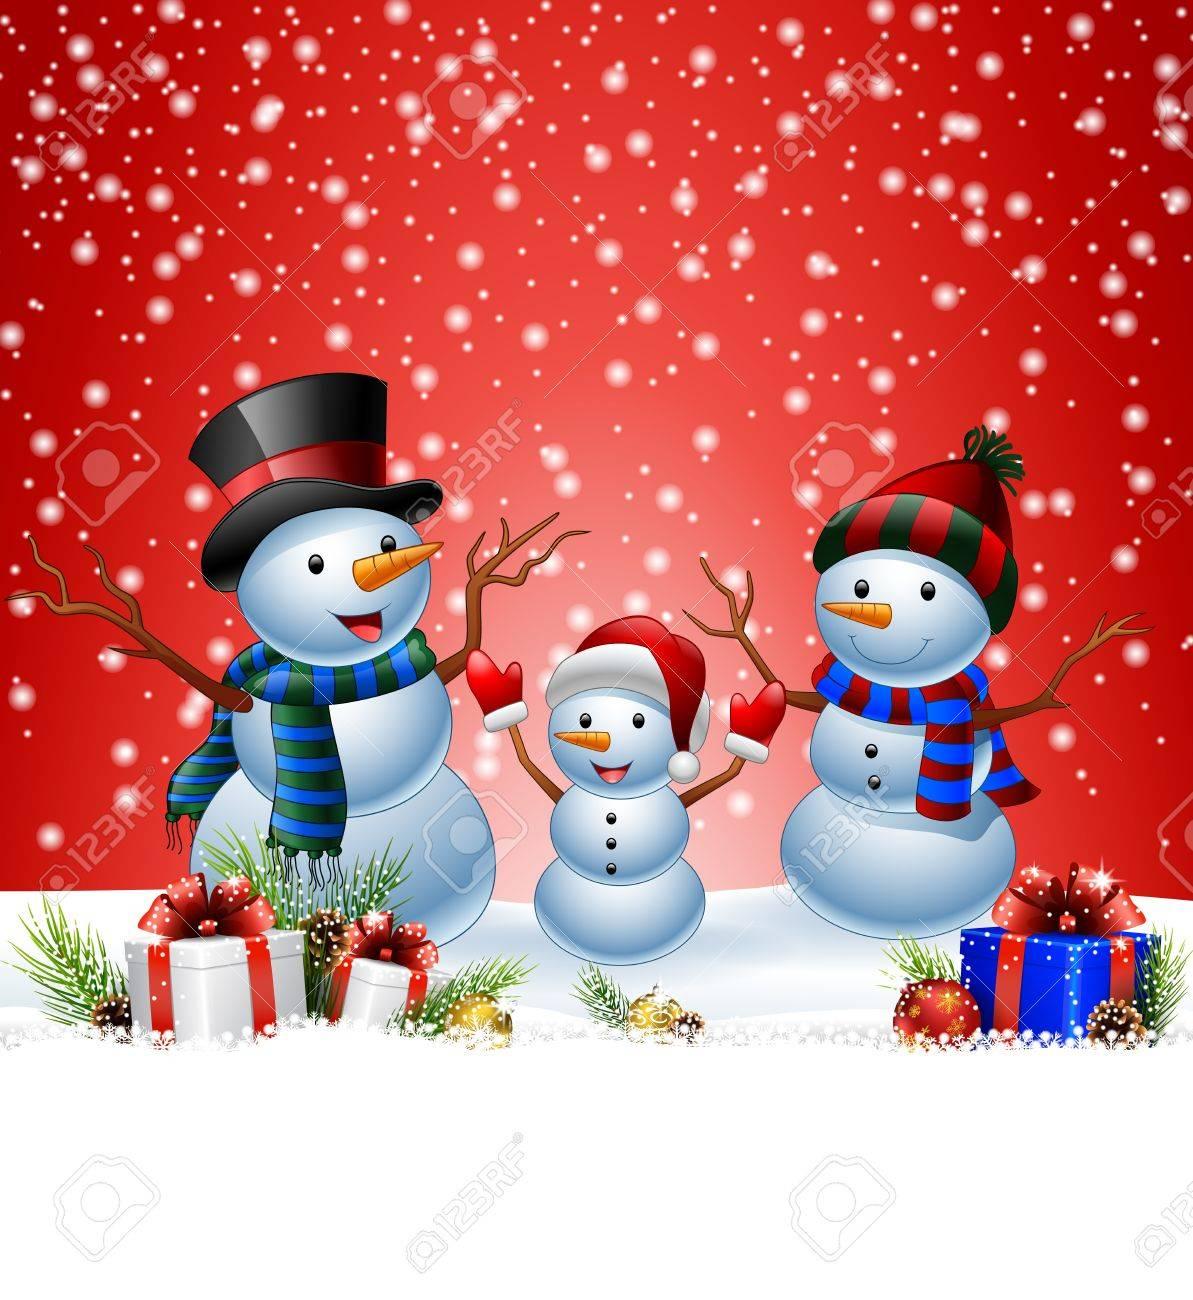 Immagini Di Natale Pupazzi Di Neve.Illustrazione Di Set Di Pupazzo Di Neve Del Fumetto Con Priorita Bassa Di Natale